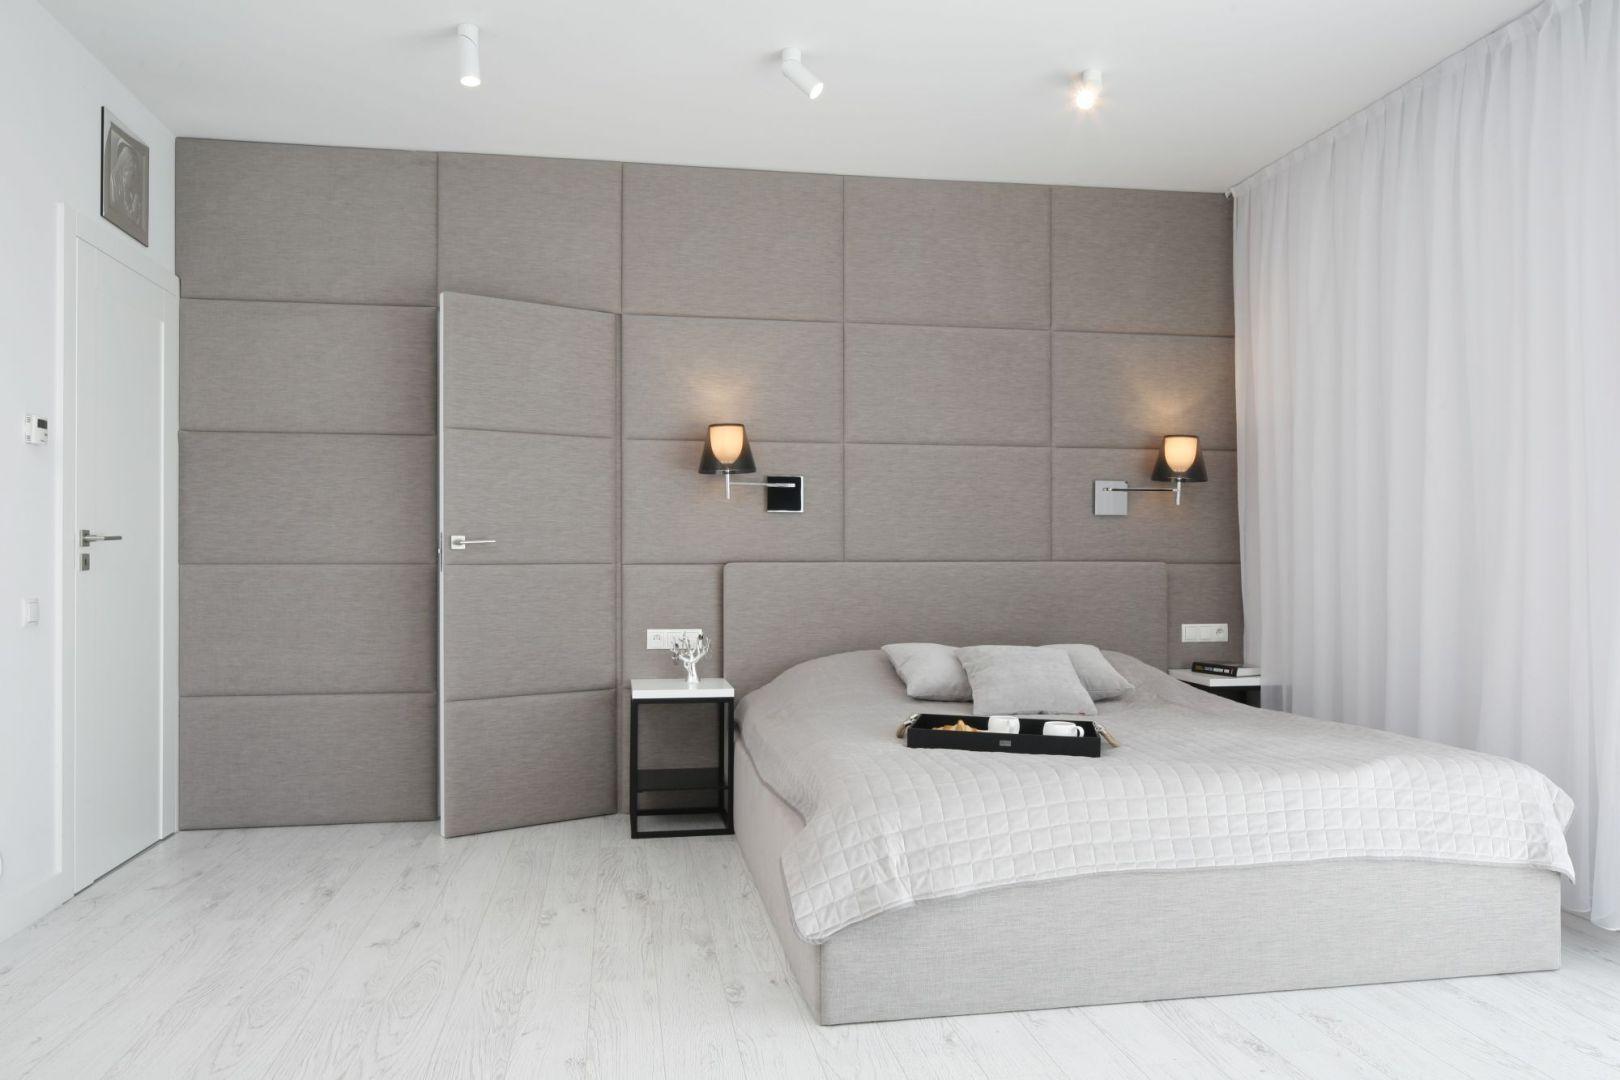 Aranżacja Sypialni Wykończenie ściany Za łóżkiem Projekt